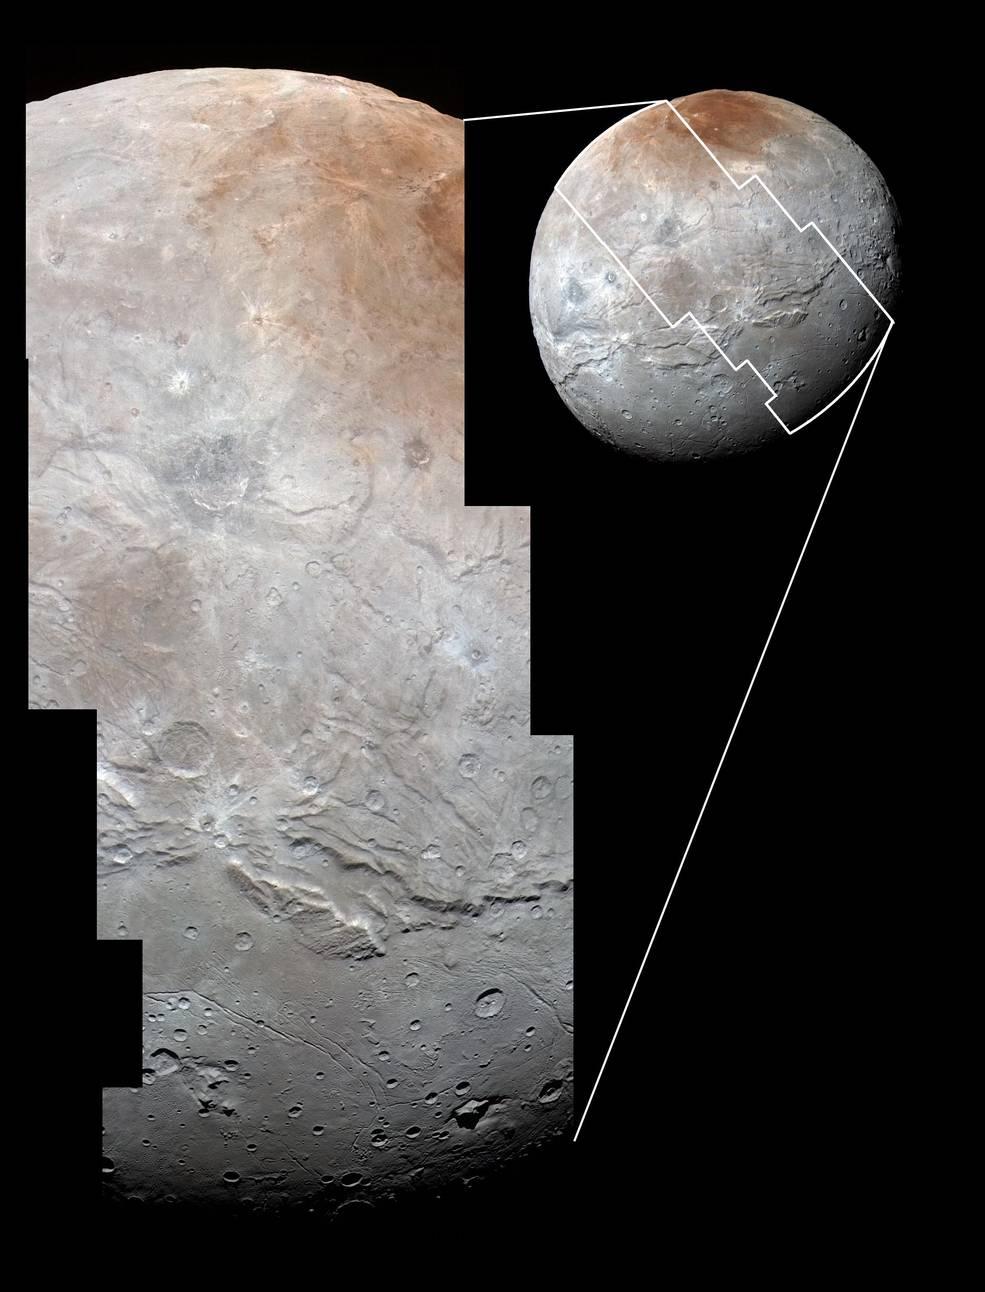 تصاویری با کیفیت بالا از شارون که توسط تصویربردار اکتشافی دور بُردی که بر روی کاوشگر نیو هورایزنز ناسا وجود دارد، گرفته شده است. این تصاویر درست قبل از رسیدن به نزدیک ترین فاصله با پلوتون در تاریخ 14 جولای 2015 (23 تیر 1394) گرفته شده و از روی هم قرار دادن و ترکیب تصاویر گرفته شده توسط دوربین (Ralph/Multispectral Visual Imaging (MVIC، به وجود آمده است. تصویری که شاهد آن هستید منطقه ای گسترده از دره ها و زمین های از هم گسیخته است که با نام غیر رسمی Vulcan Planum نیز شناخته می شود. این تصویر 754 مایل (1214 کیلومتر) از سطح شارون را با مقیاس 0.5 مایل (0.8 کیلومتر) به نمایش می گذارد. (Credits: NASA/JHUAPL/SwRI)